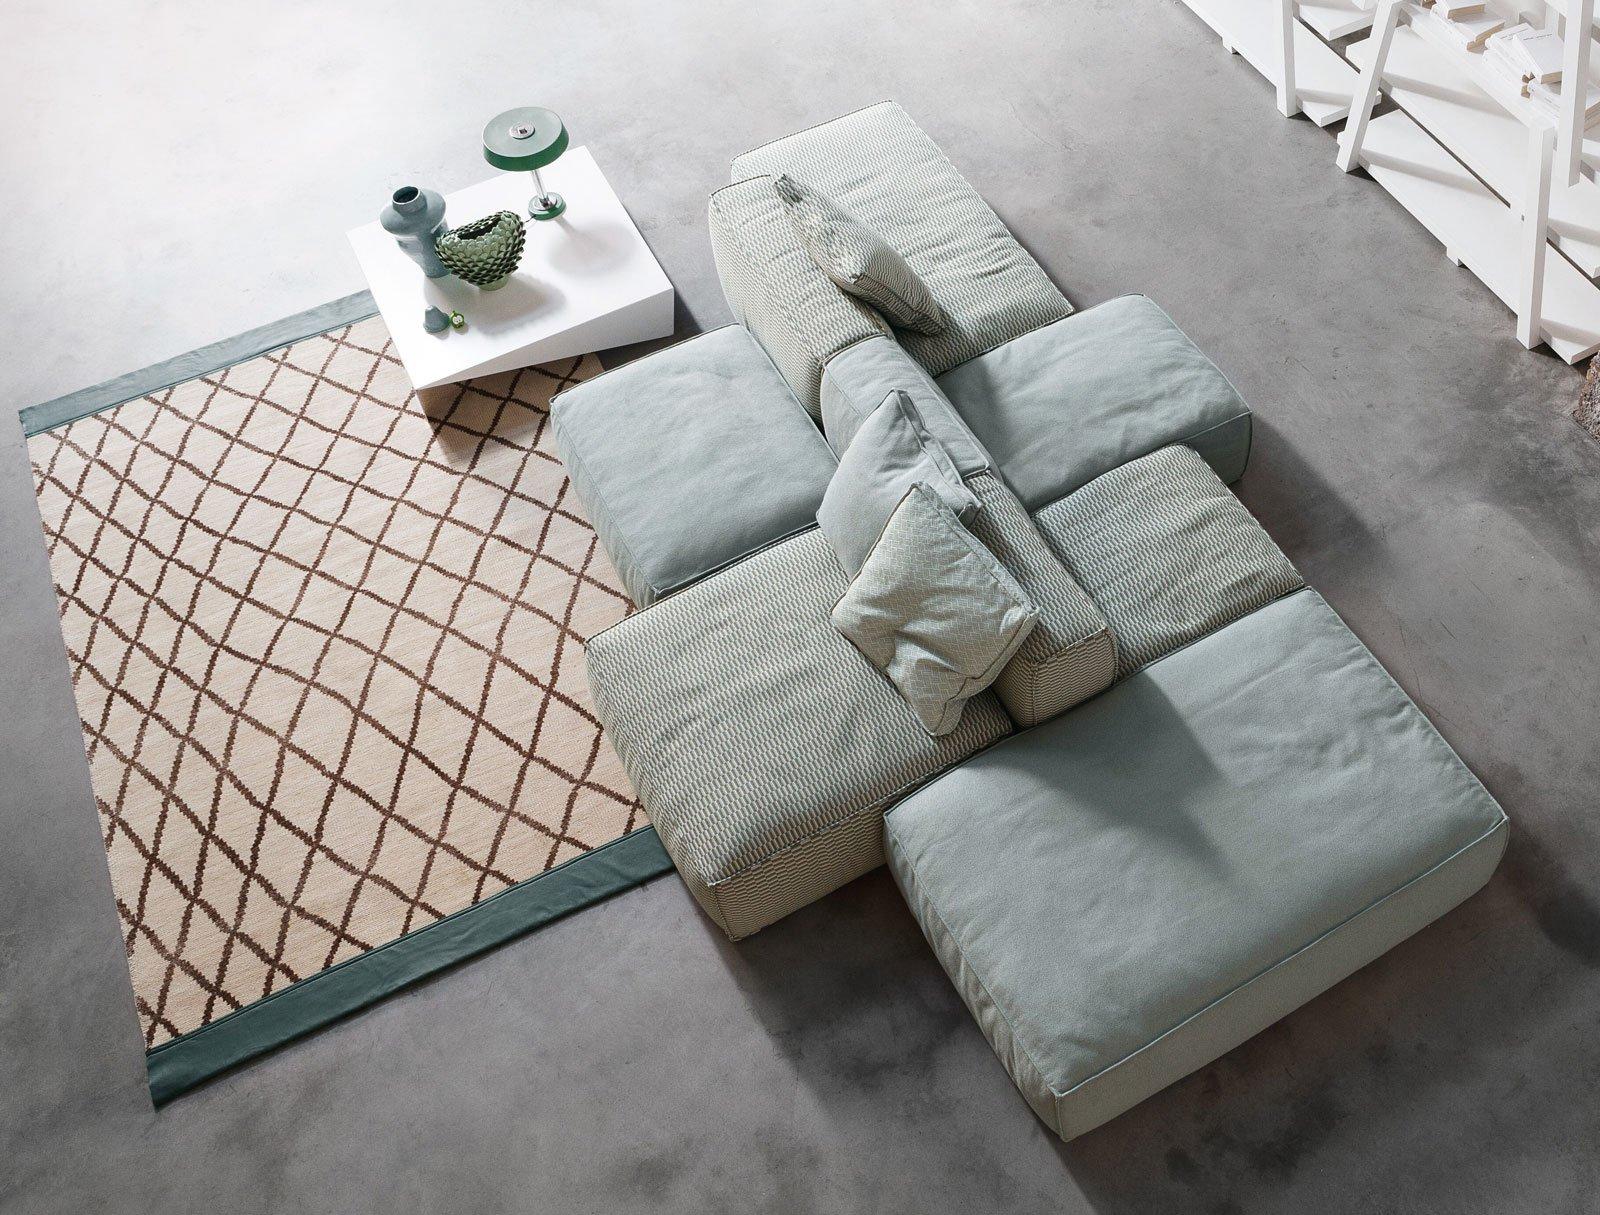 Divano fisso o divano componibile cose di casa for Divano a isola